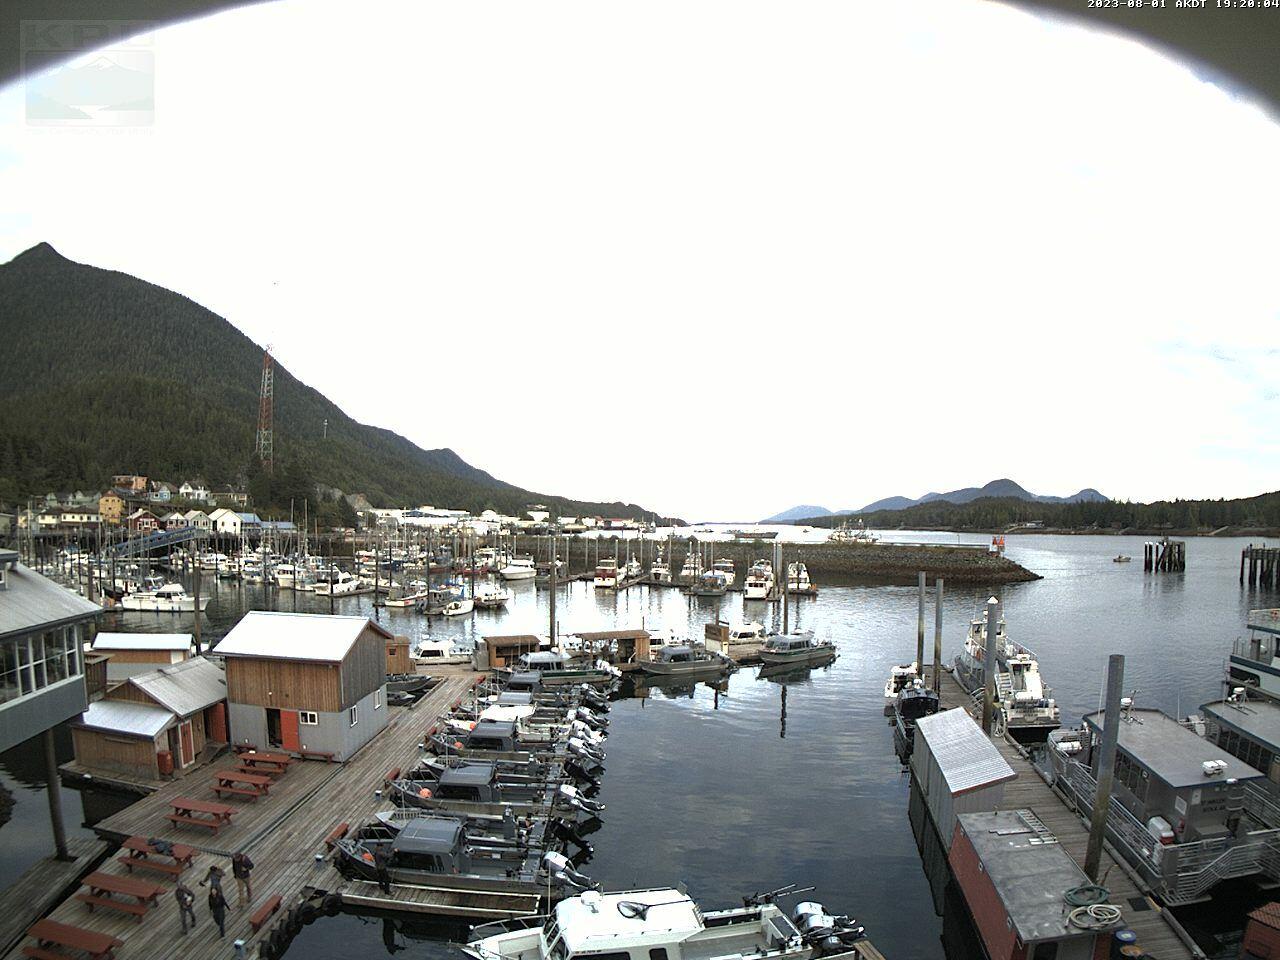 Current Ketchikan Webcam #6 Mega-View Image